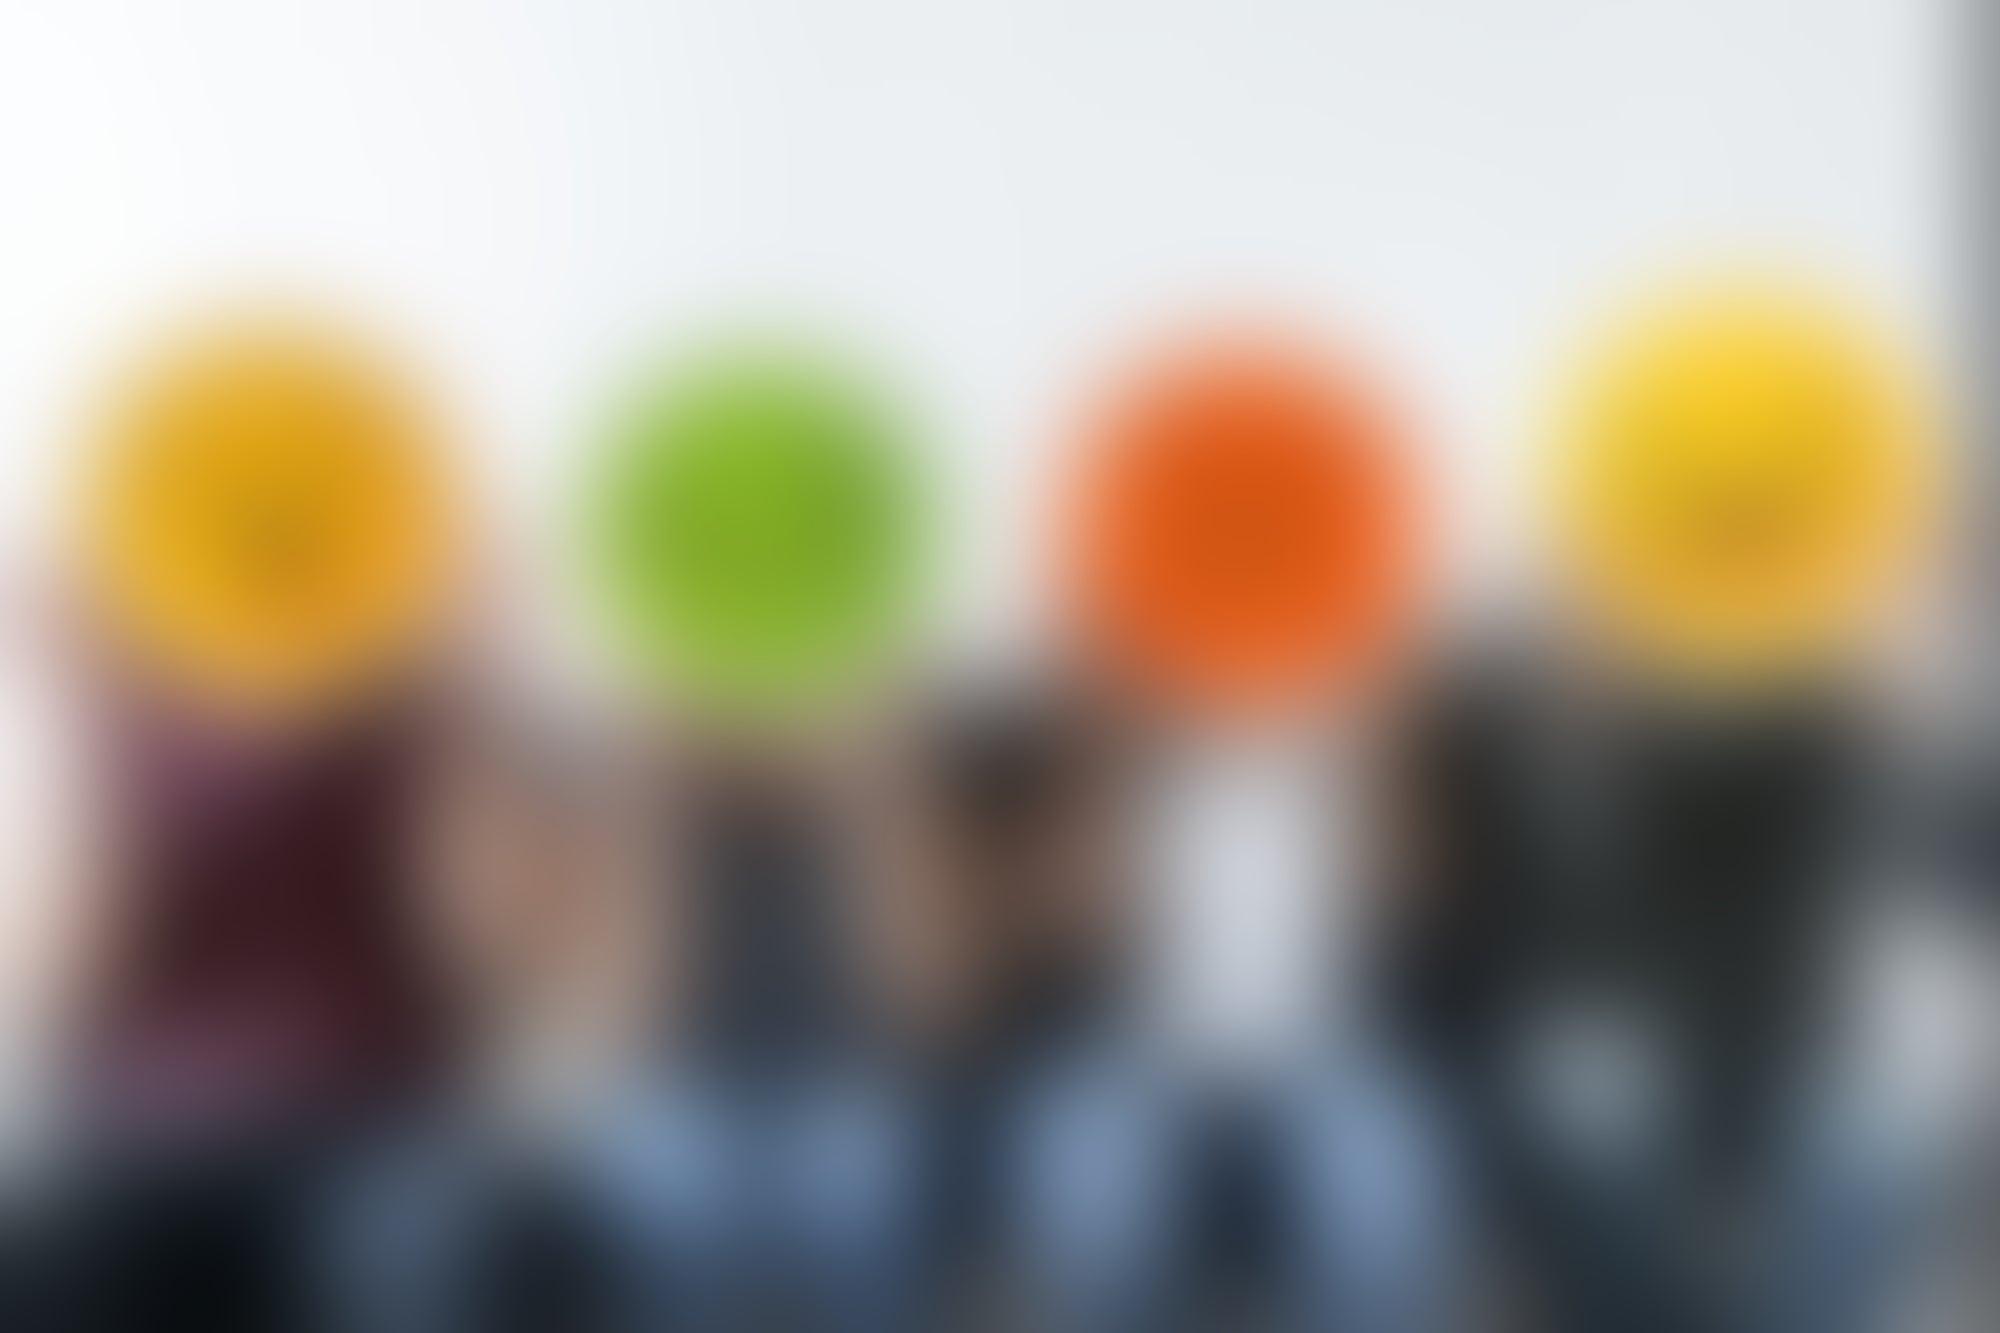 Los 5 comportamientos de los clientes que puedes 'manipular' para vender más